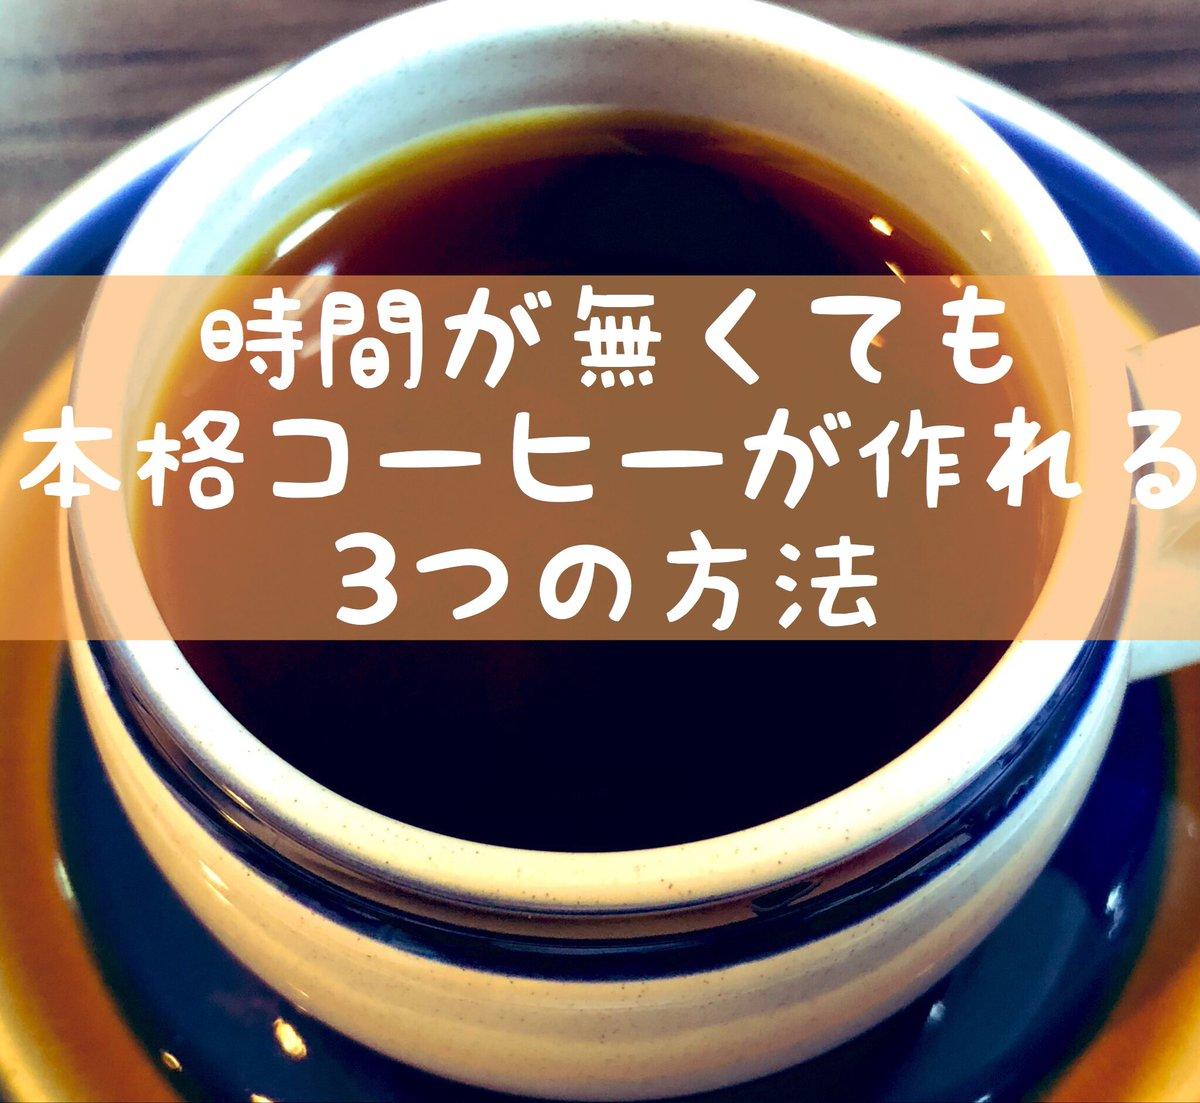 【忙しい人向け】時間がなくても本格コーヒーを作る3つの方法とは?